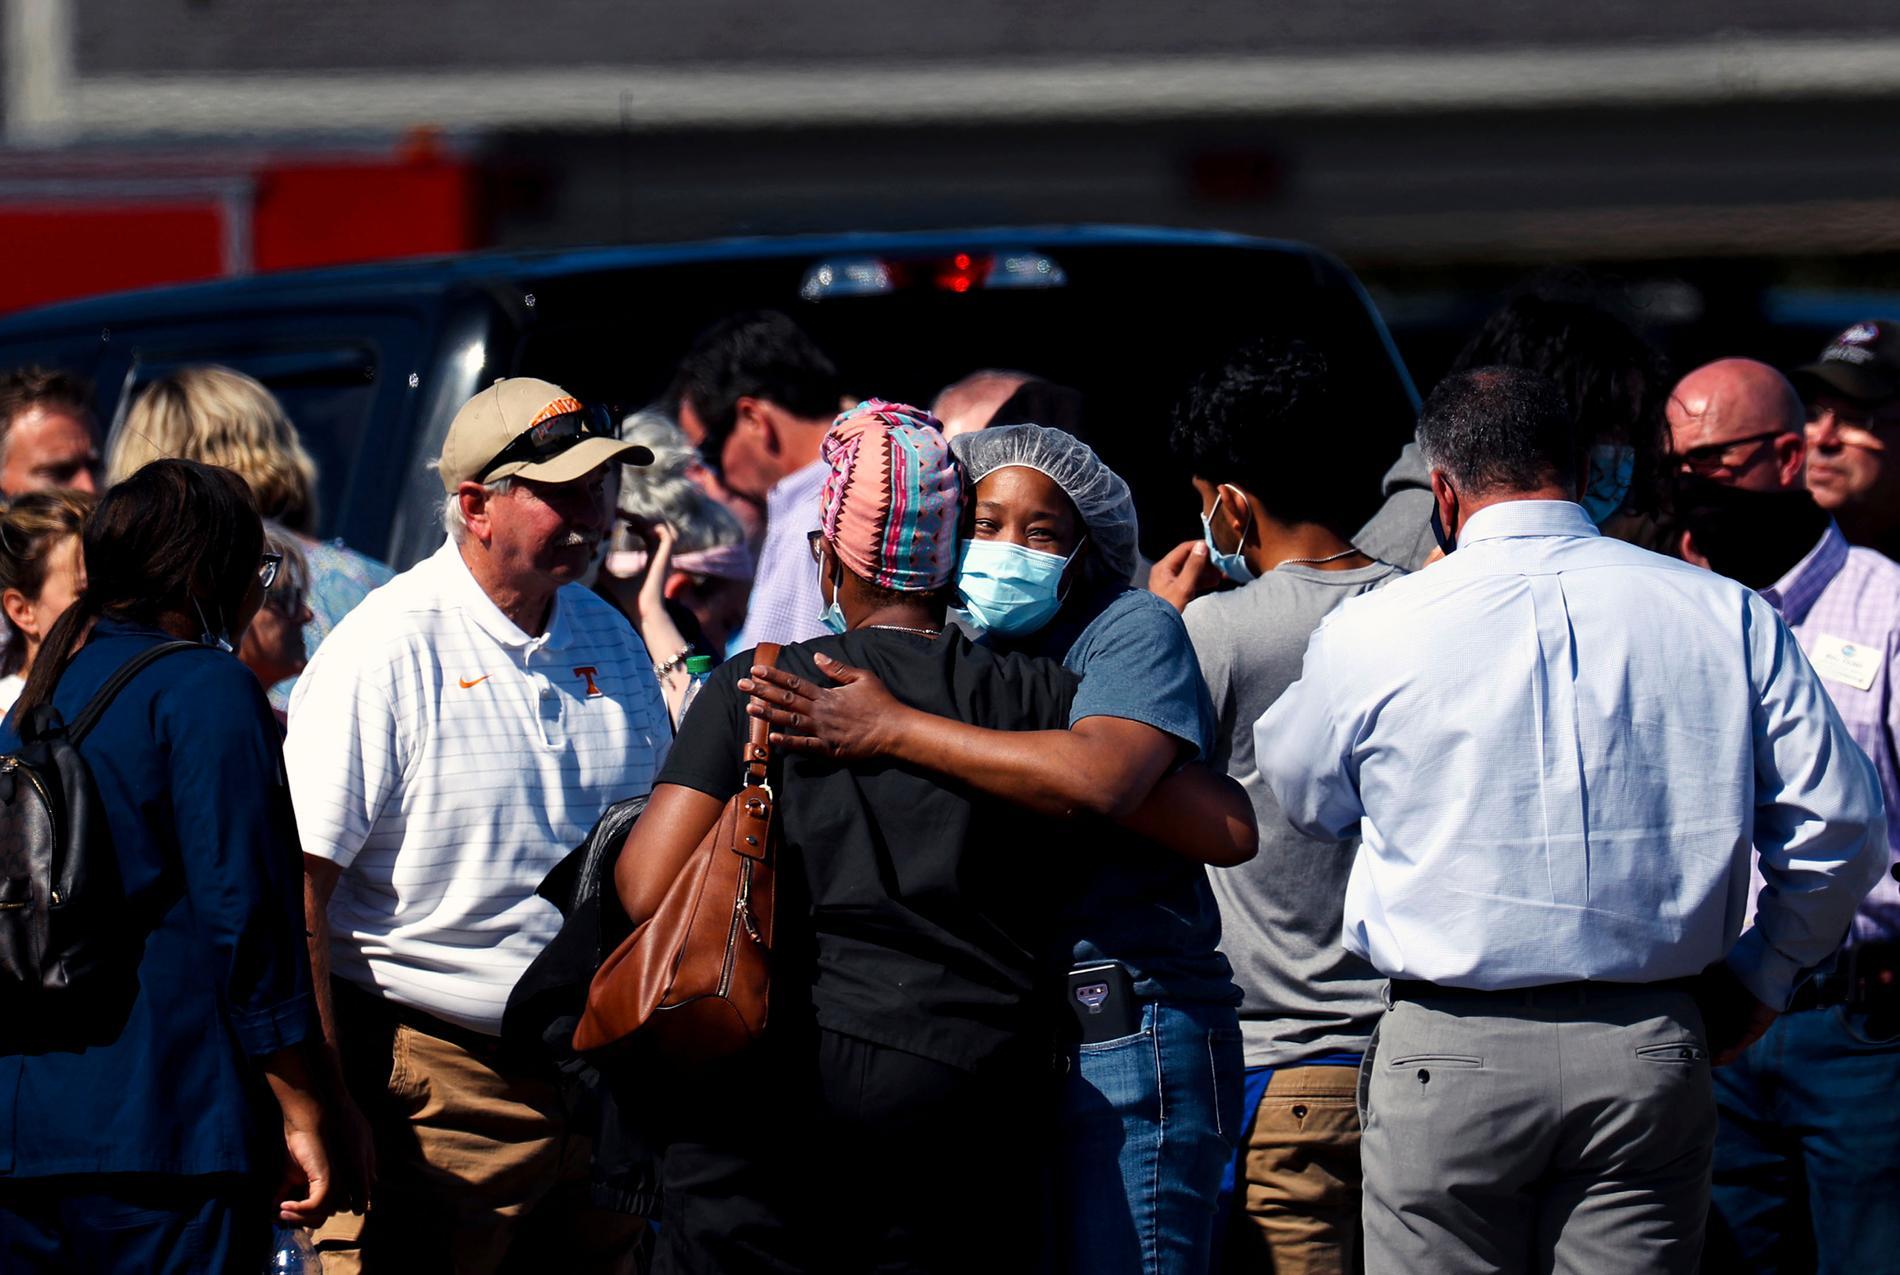 Människor omfamnar varandra utanför den Krogersbutik i Collierville, Tennessee, där en beväpnad gärningsman sköt ihjäl tretton personer innan han sköt sig själv.